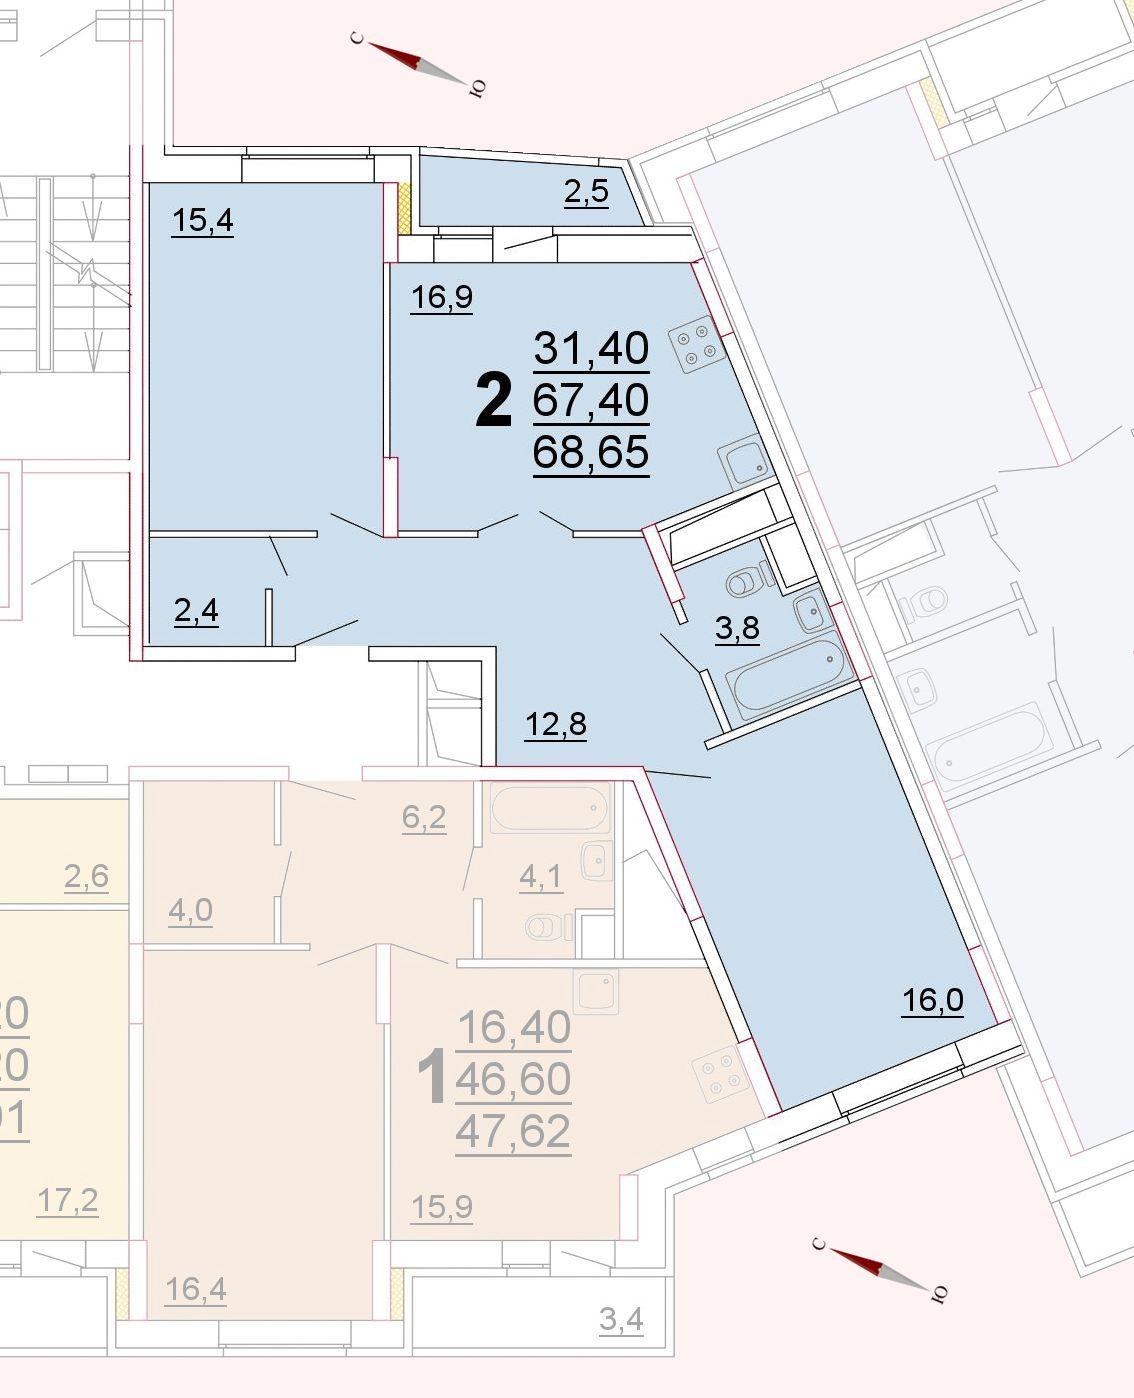 Микрорайон «Центральный», корпус 52г, секция 1, квартира 68,65 м2